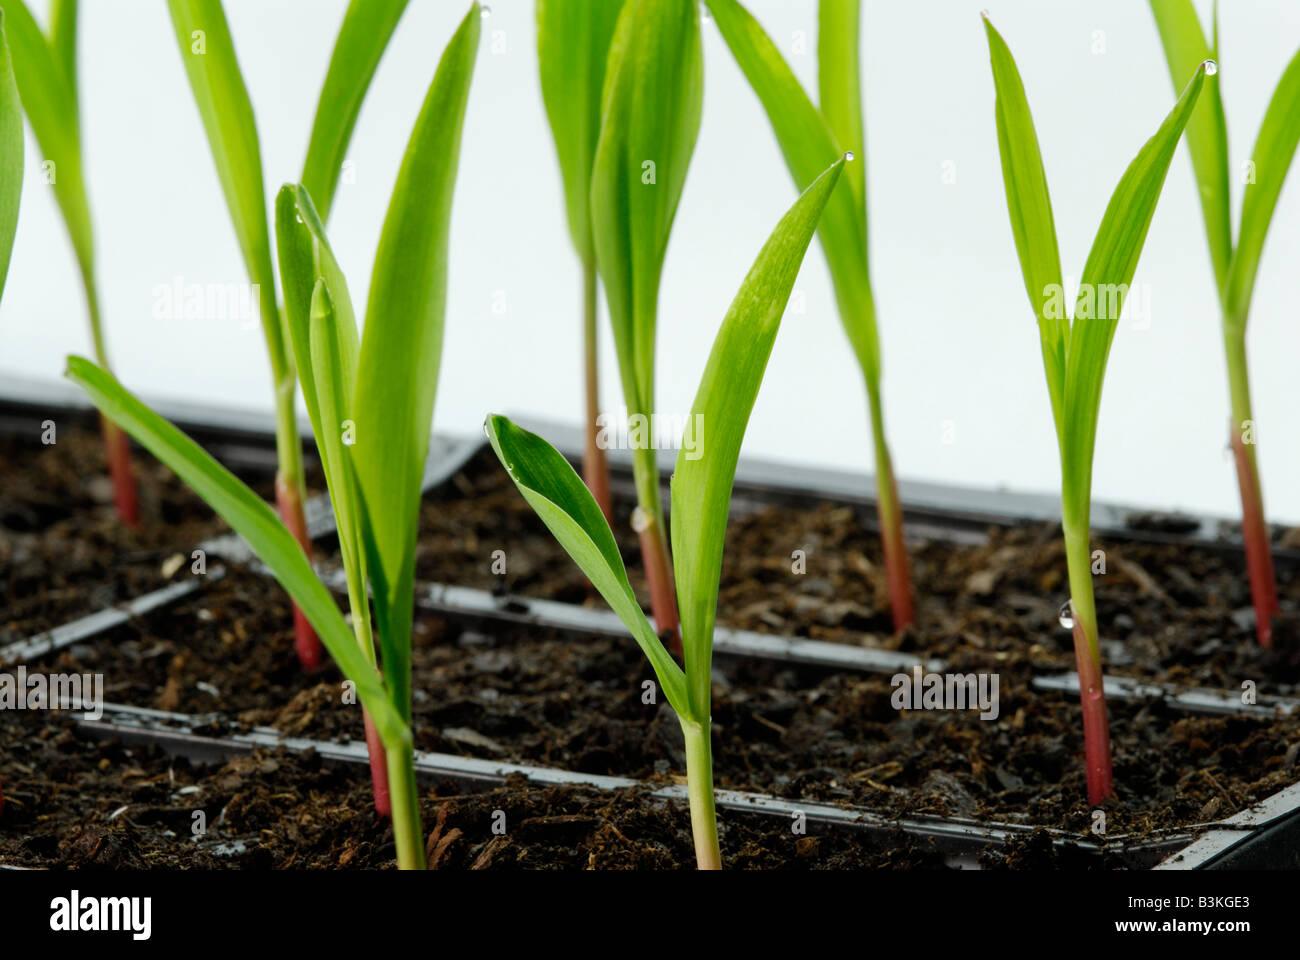 Les semis de maïs Zea mays sur maisons Les plantes sont 12 semaines Photo Stock